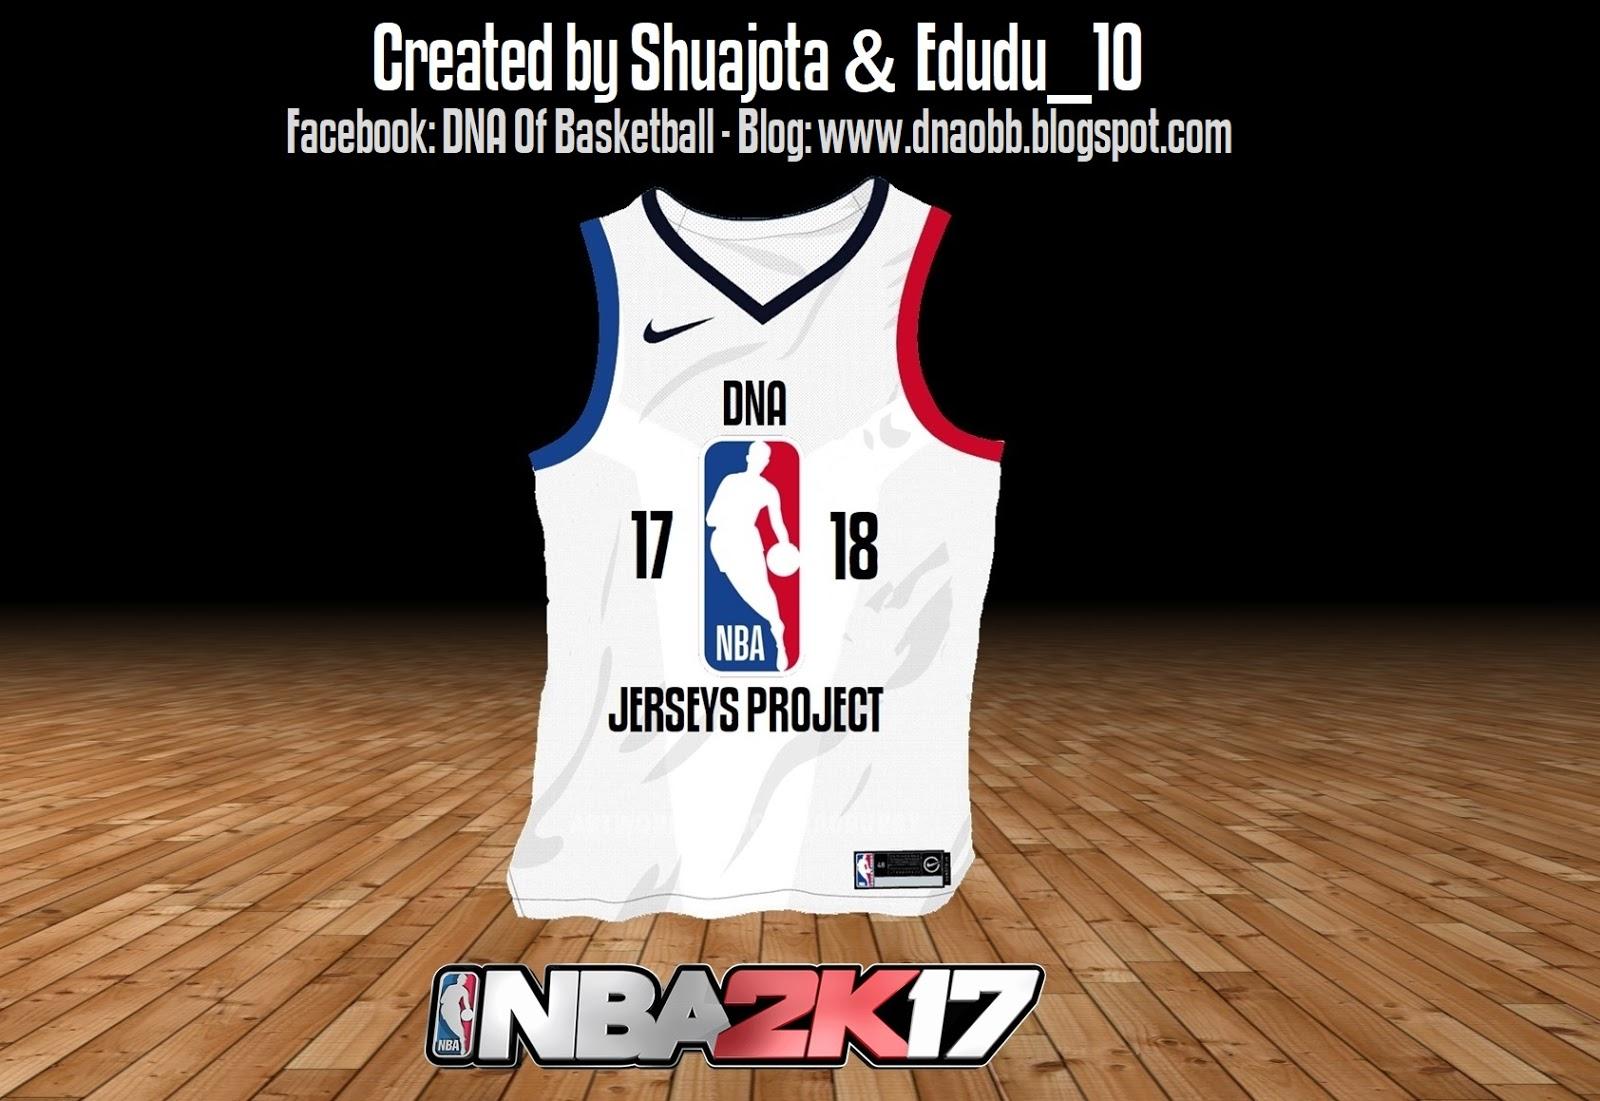 473d6e21ea3 NBA 2K17 DNA Jerseys Project 17-18 by Shuajota   Edudu 10 RELEASED ...